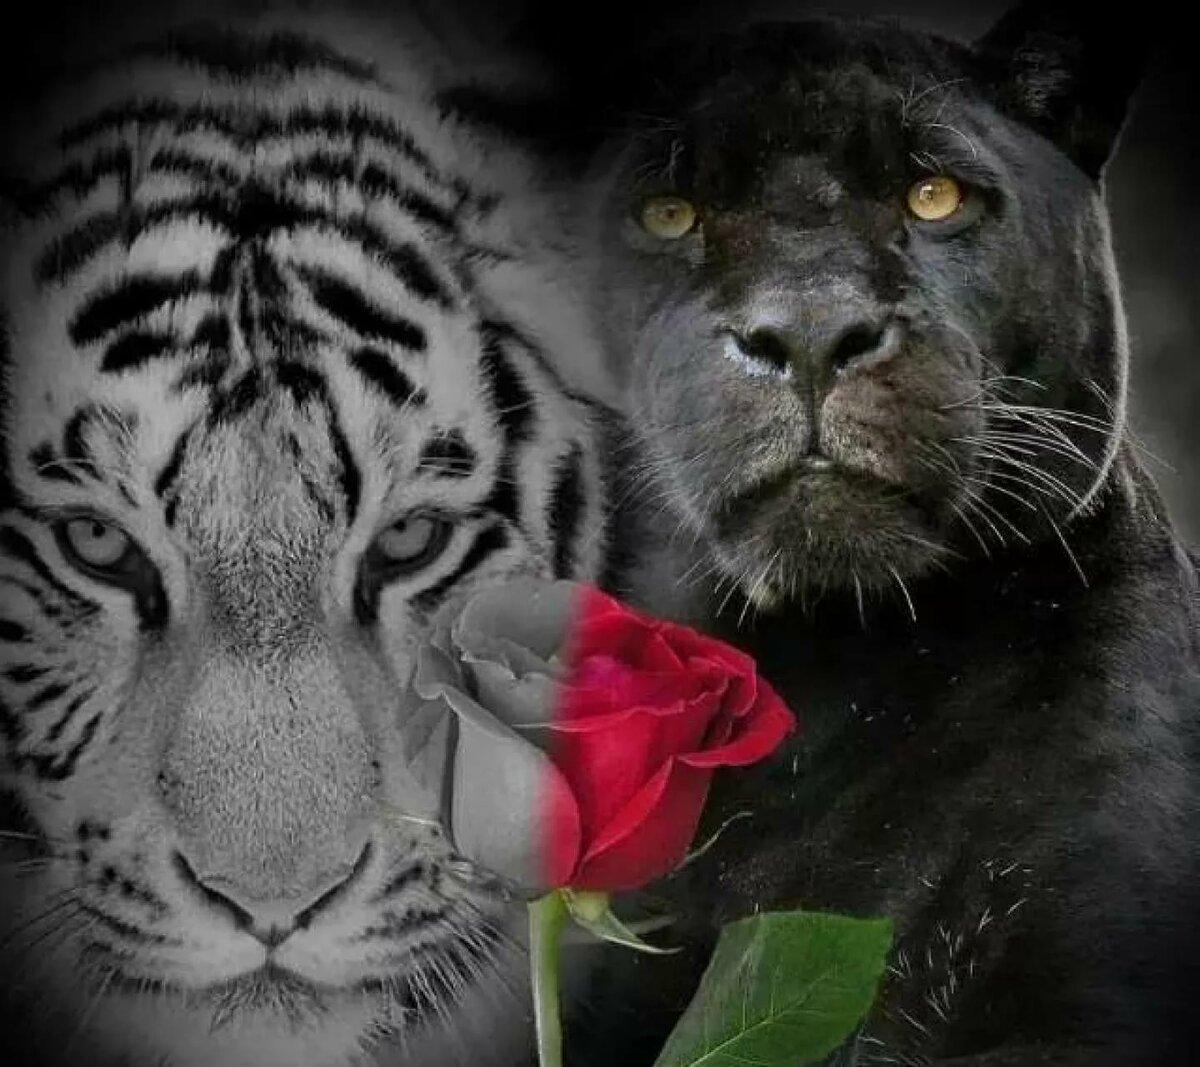 открытка с пантерой с добрым утром то, что неустанно